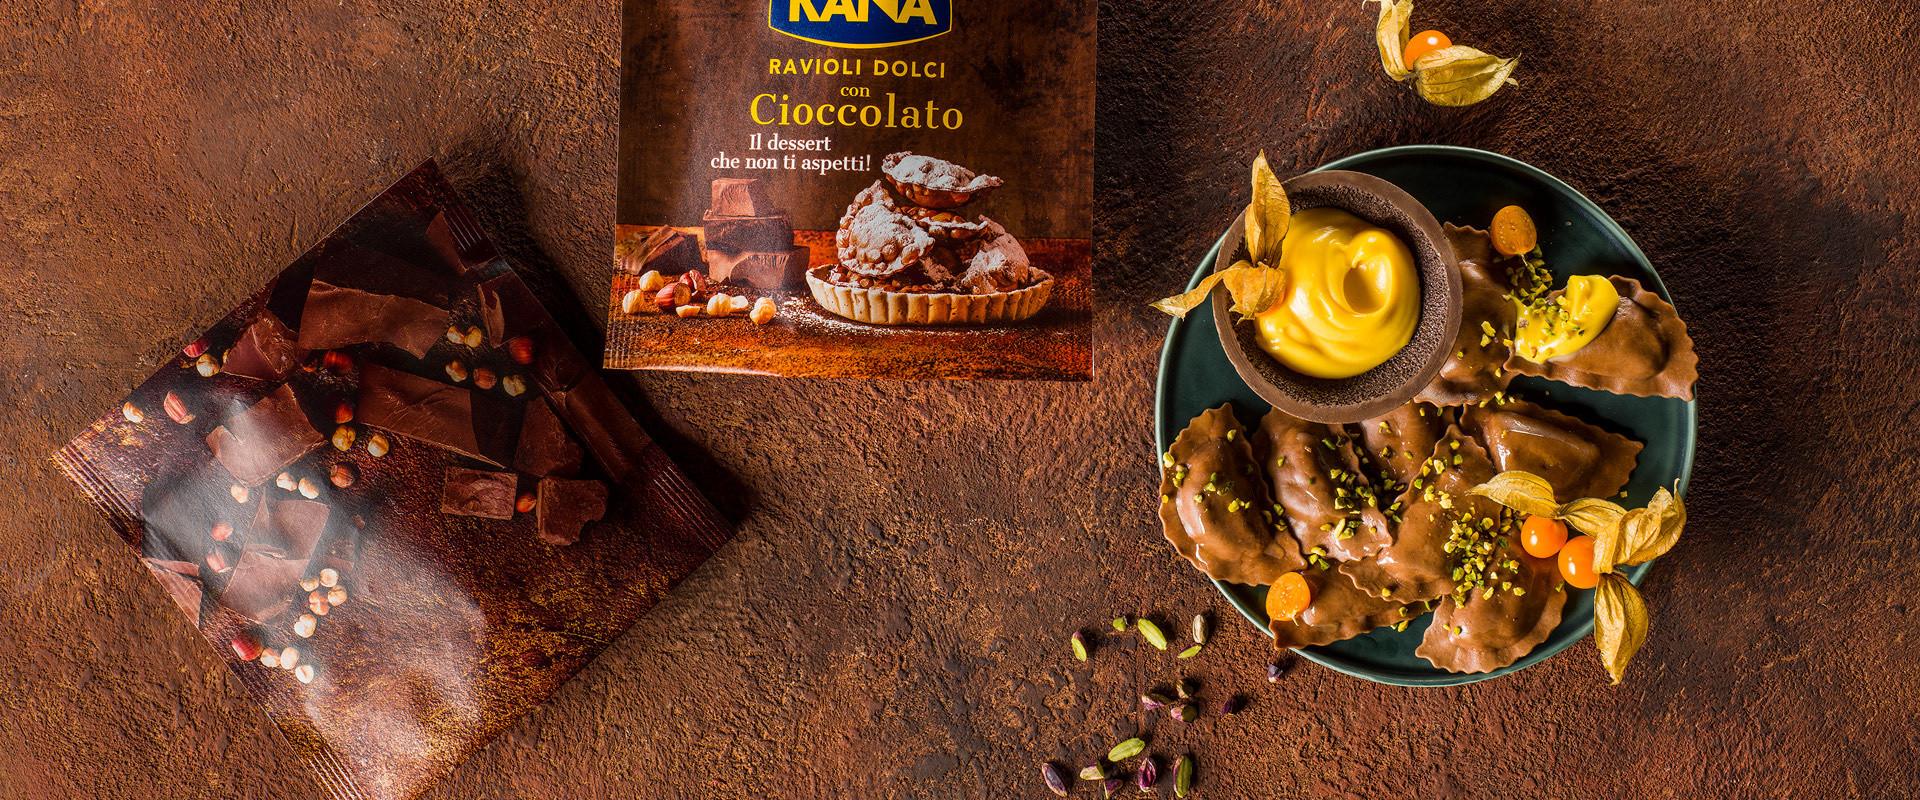 IT-ricette-ravioli-cioccolato-crema-pasticcera-alechechengi-pistacchi-D.jpg